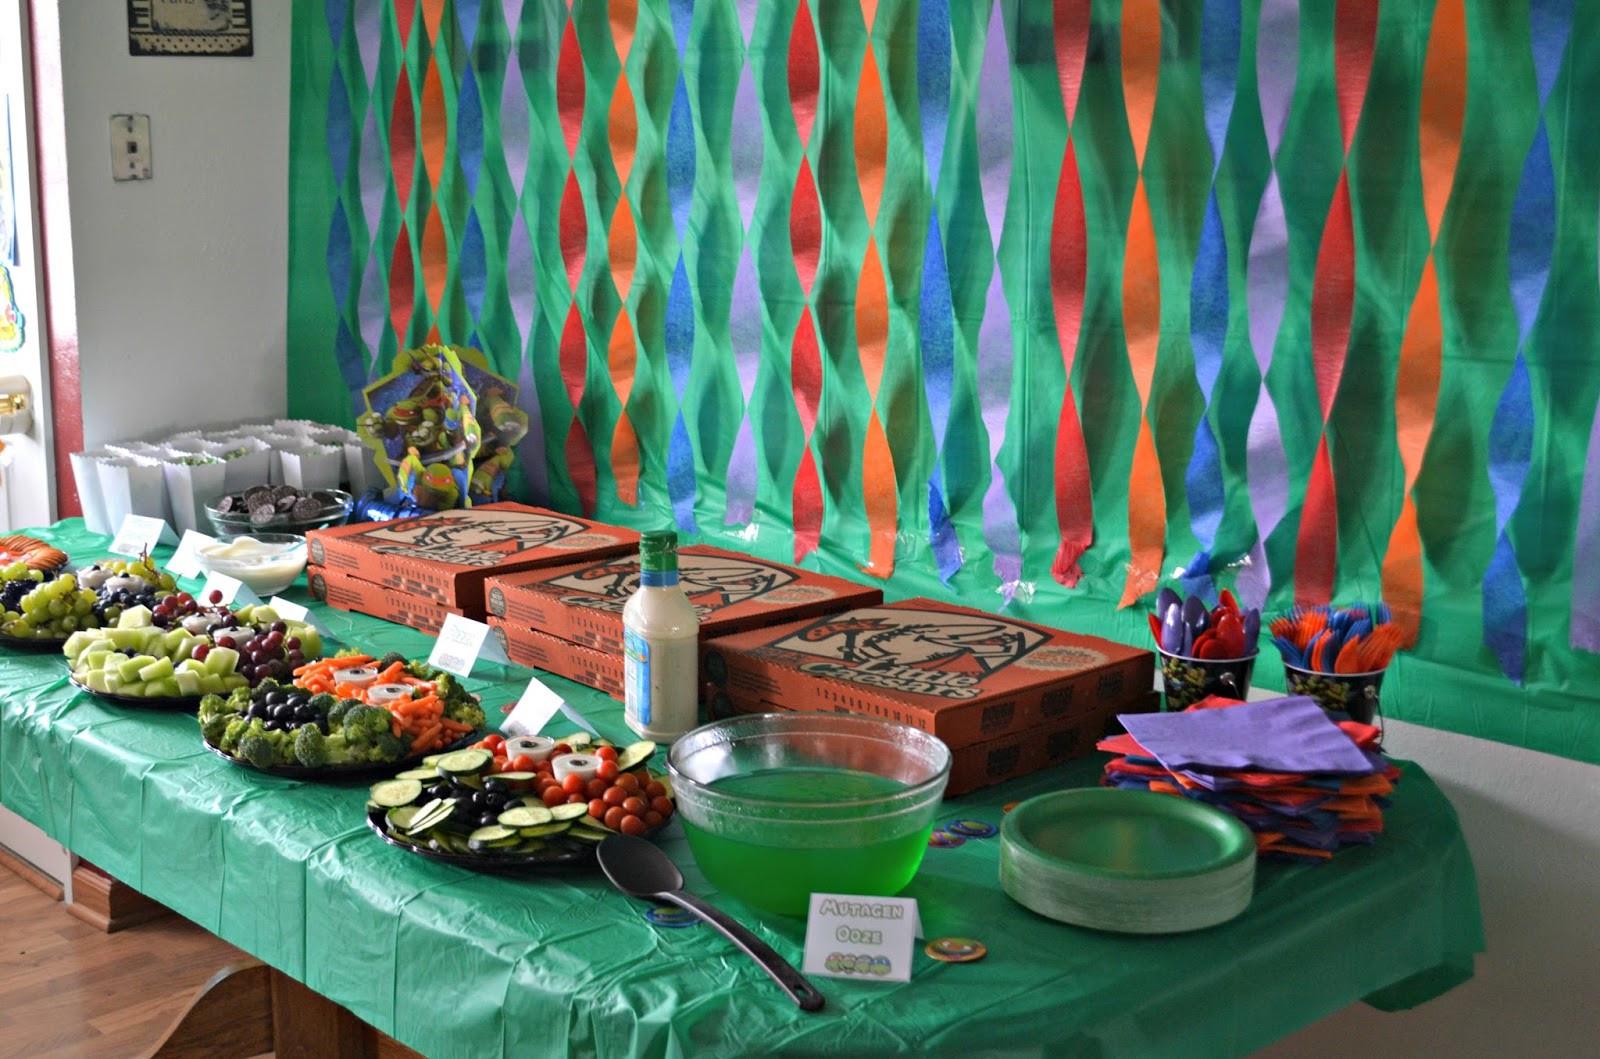 Ninja Turtle Birthday Party Food Ideas  Teenage Mutant Ninja Turtle Birthday Party